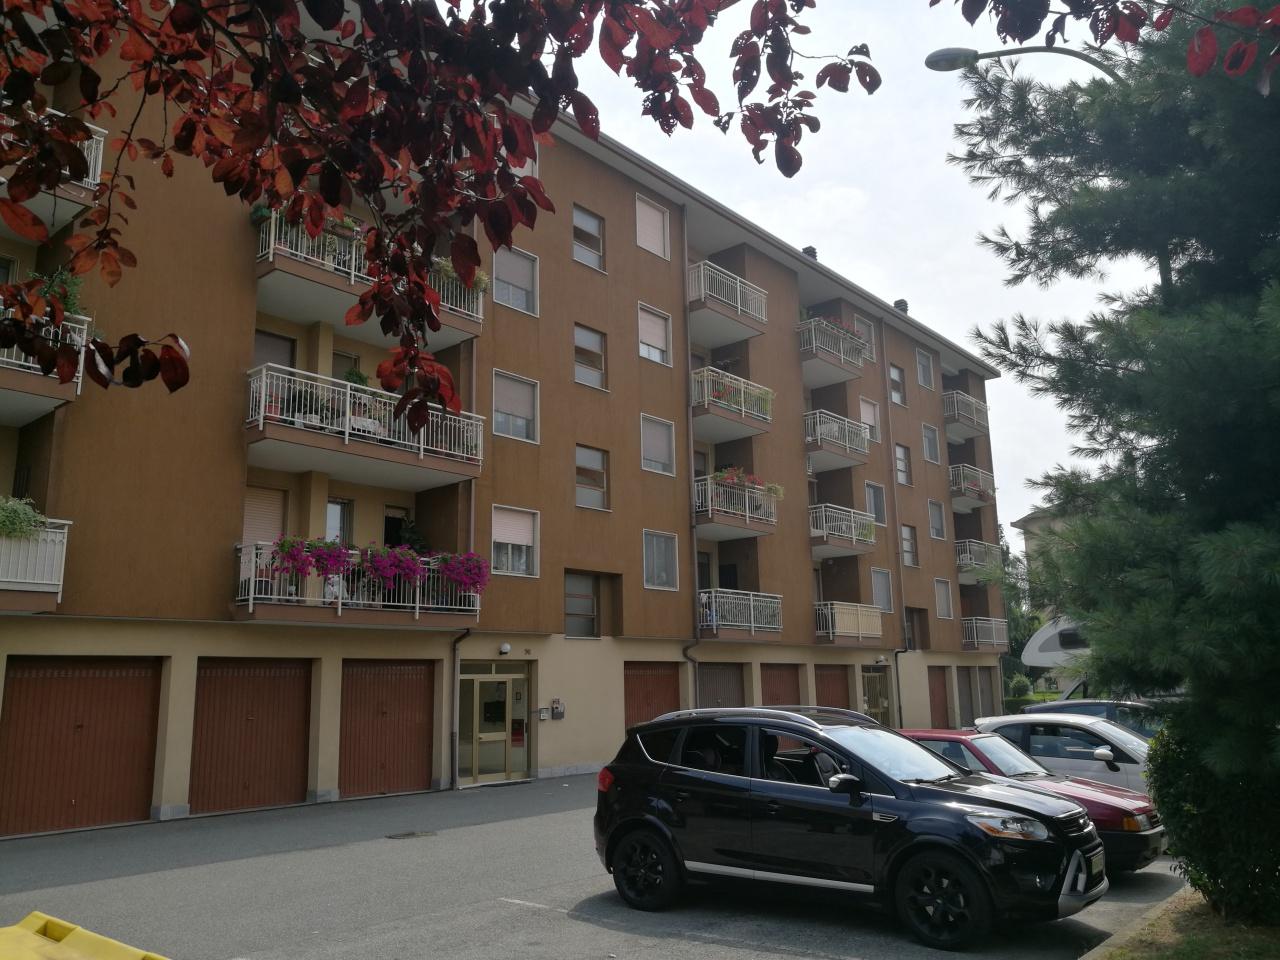 Appartamento in vendita a Chivasso, 4 locali, prezzo € 135.000 | CambioCasa.it